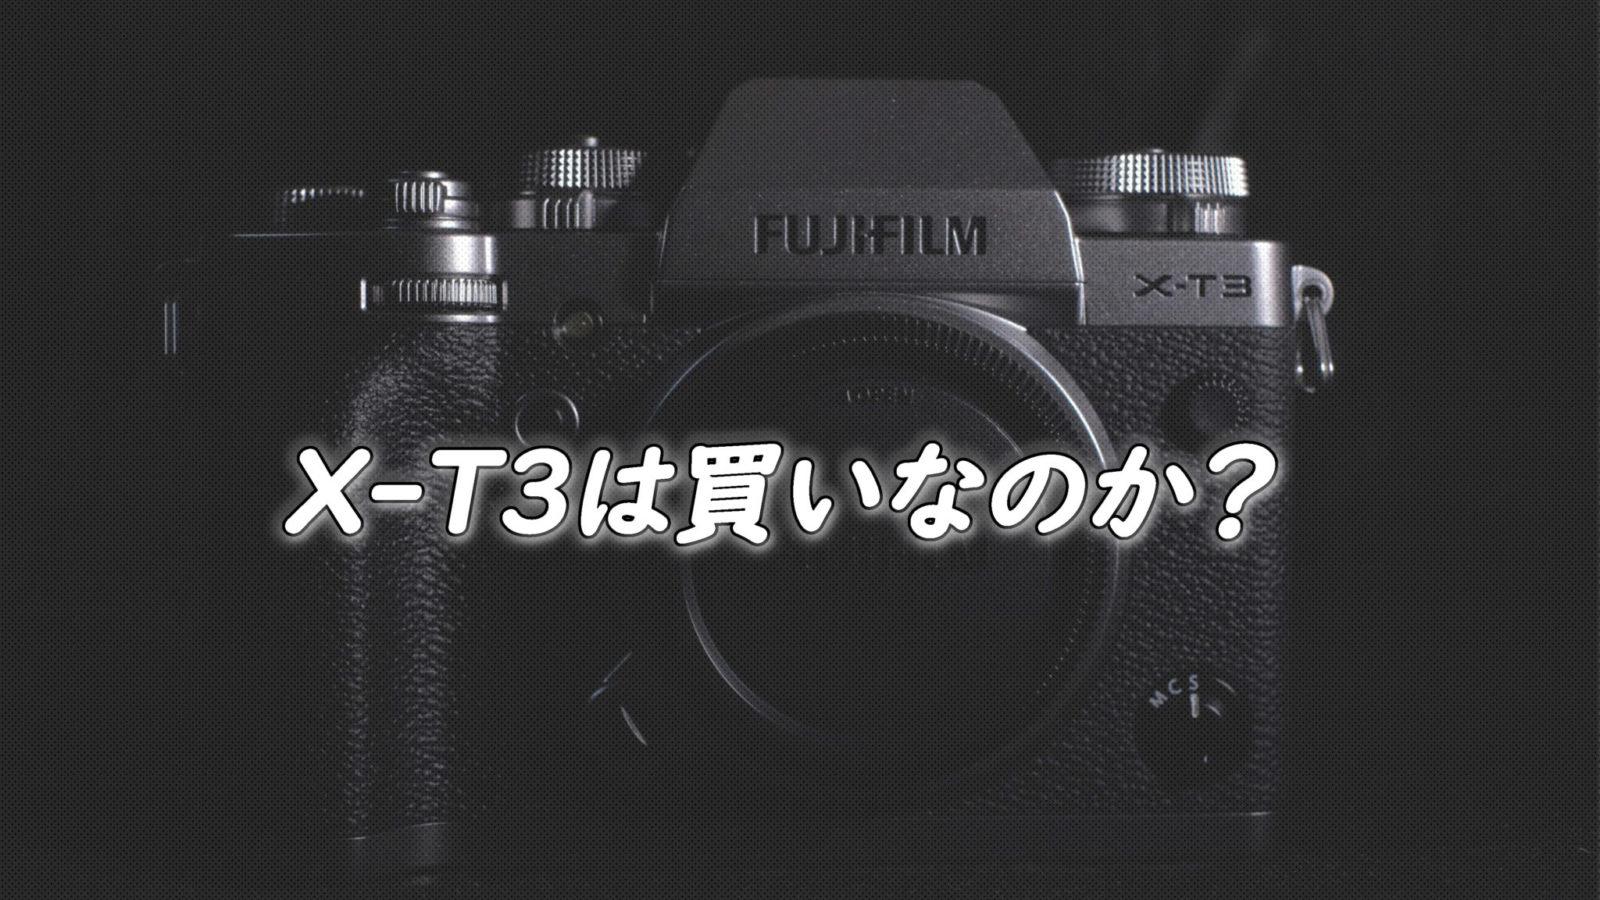 X-T3は買いなのか?メイン機Canonの私が真剣に乗り換えを検討してみた